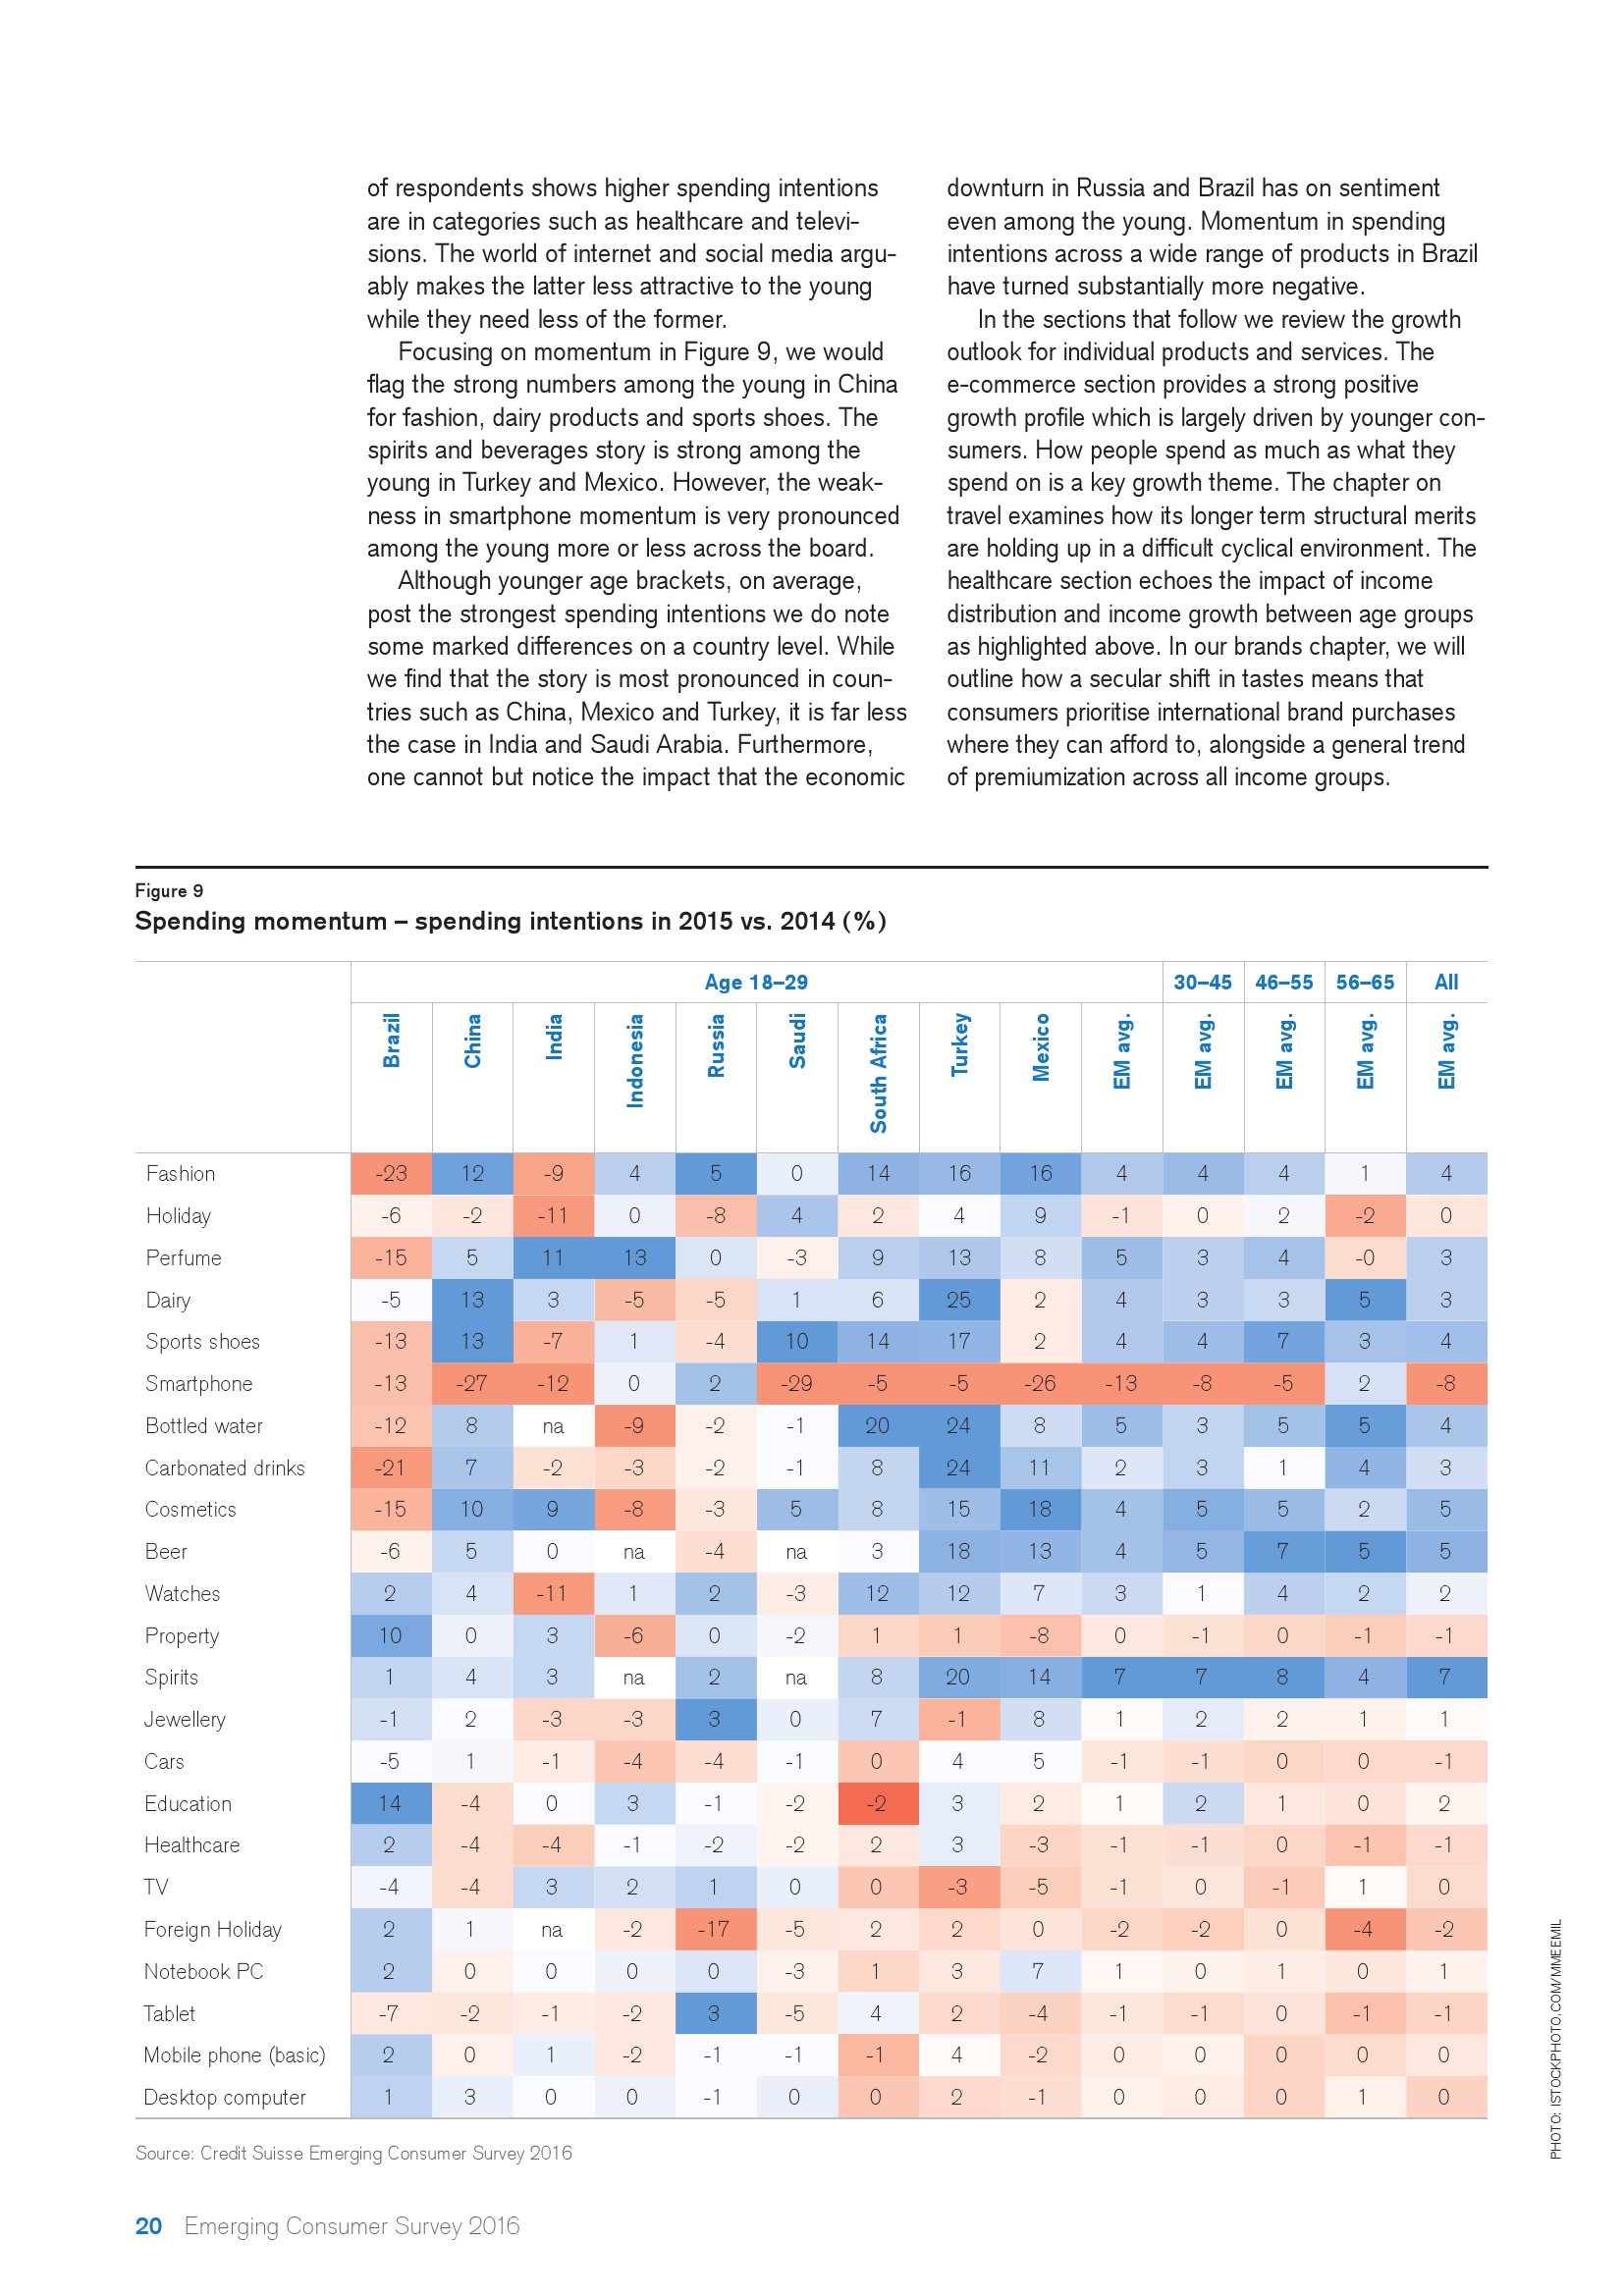 瑞士信贷:2016年新兴市场消费者调查报告_000020